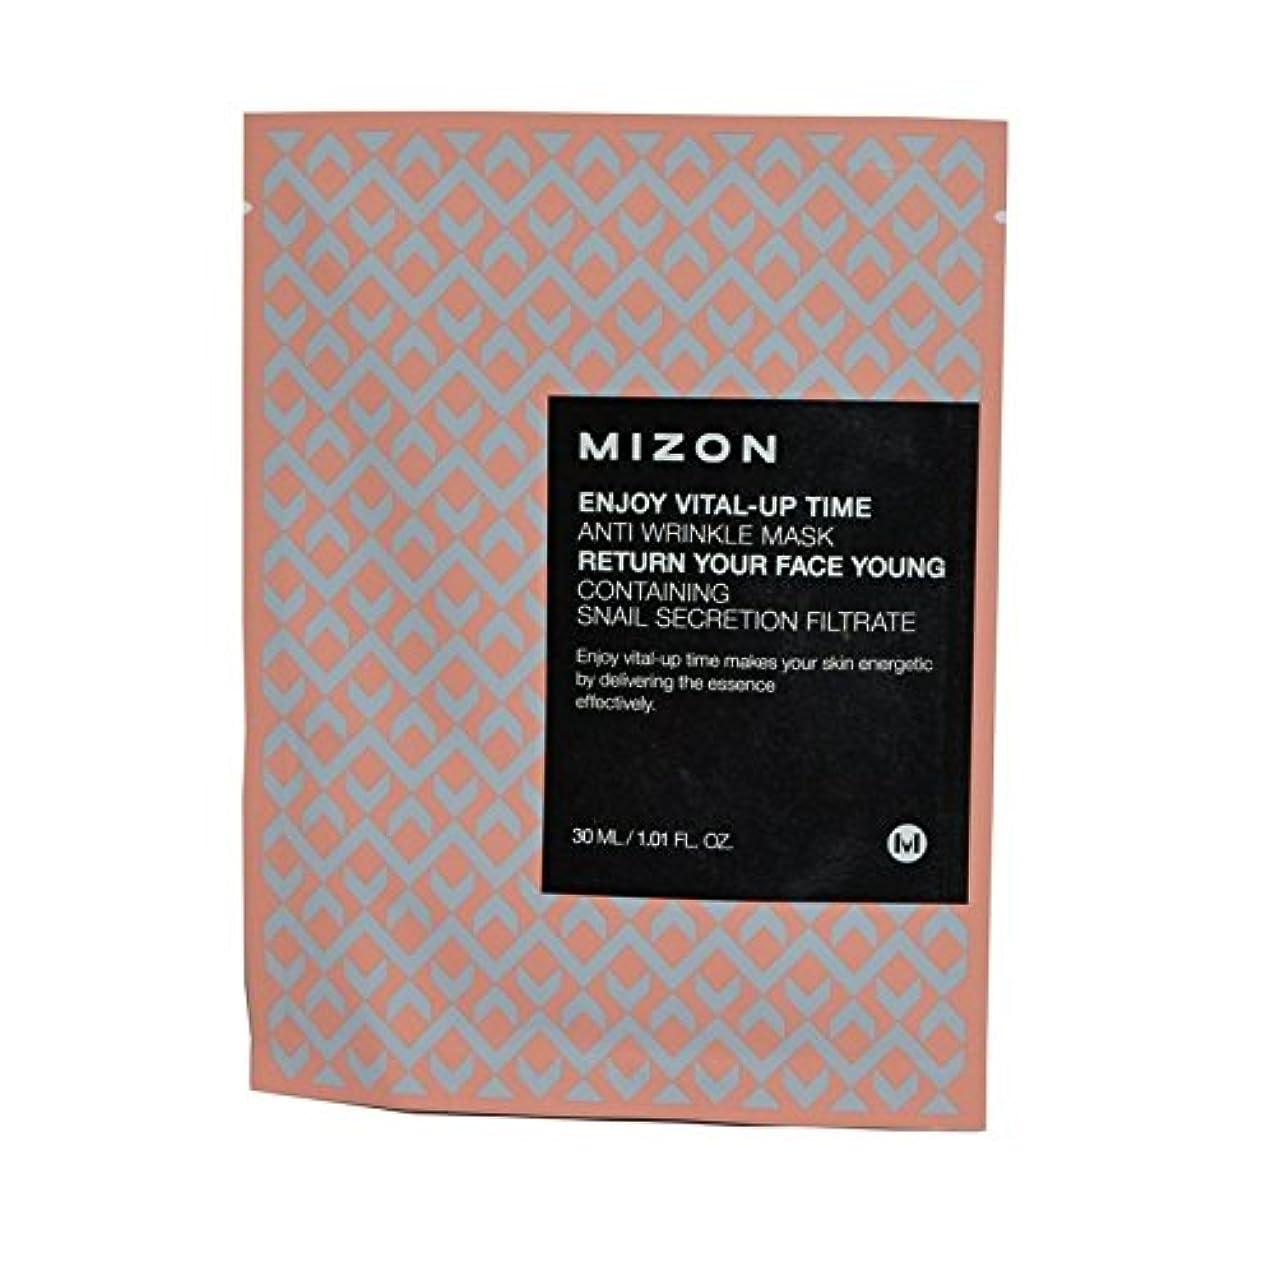 チャネル活性化するより平らなMizon Enjoy Vital Up Time Anti-Wrinkle Mask - が不可欠アップ時間抗しわマスクを楽しみます [並行輸入品]